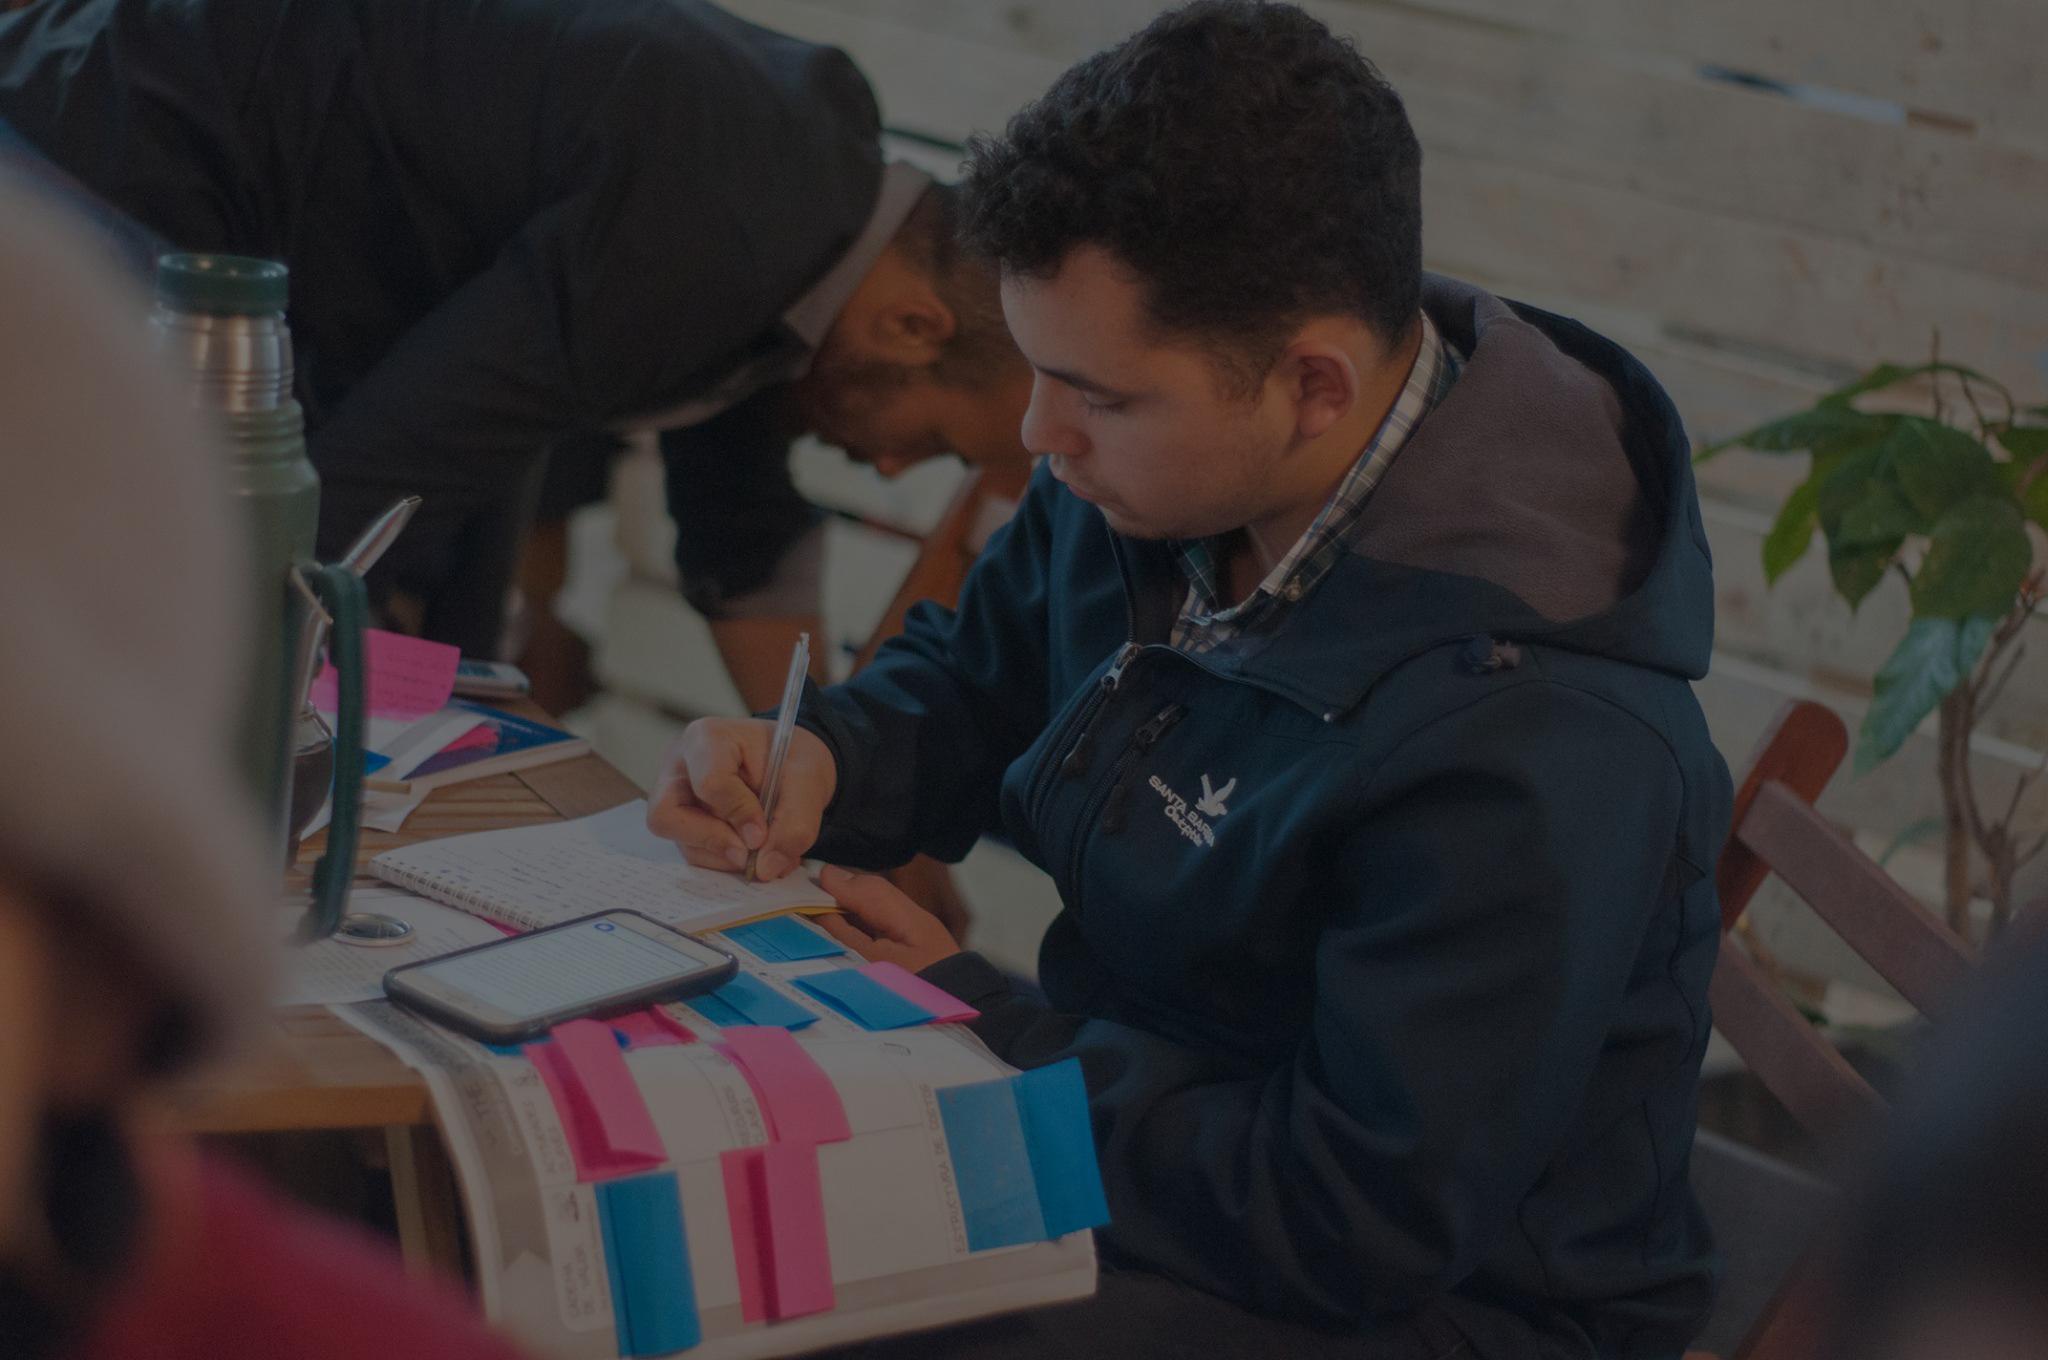 Comprometidos - Es un movimiento de jóvenes latinoamericanos que buscan generar un cambio positivo por medio de iniciativas innovadoras, a partir de su involucramiento con los 17 Objetivos de Desarrollo Sostenible - ODS.Estado: ABIERTO